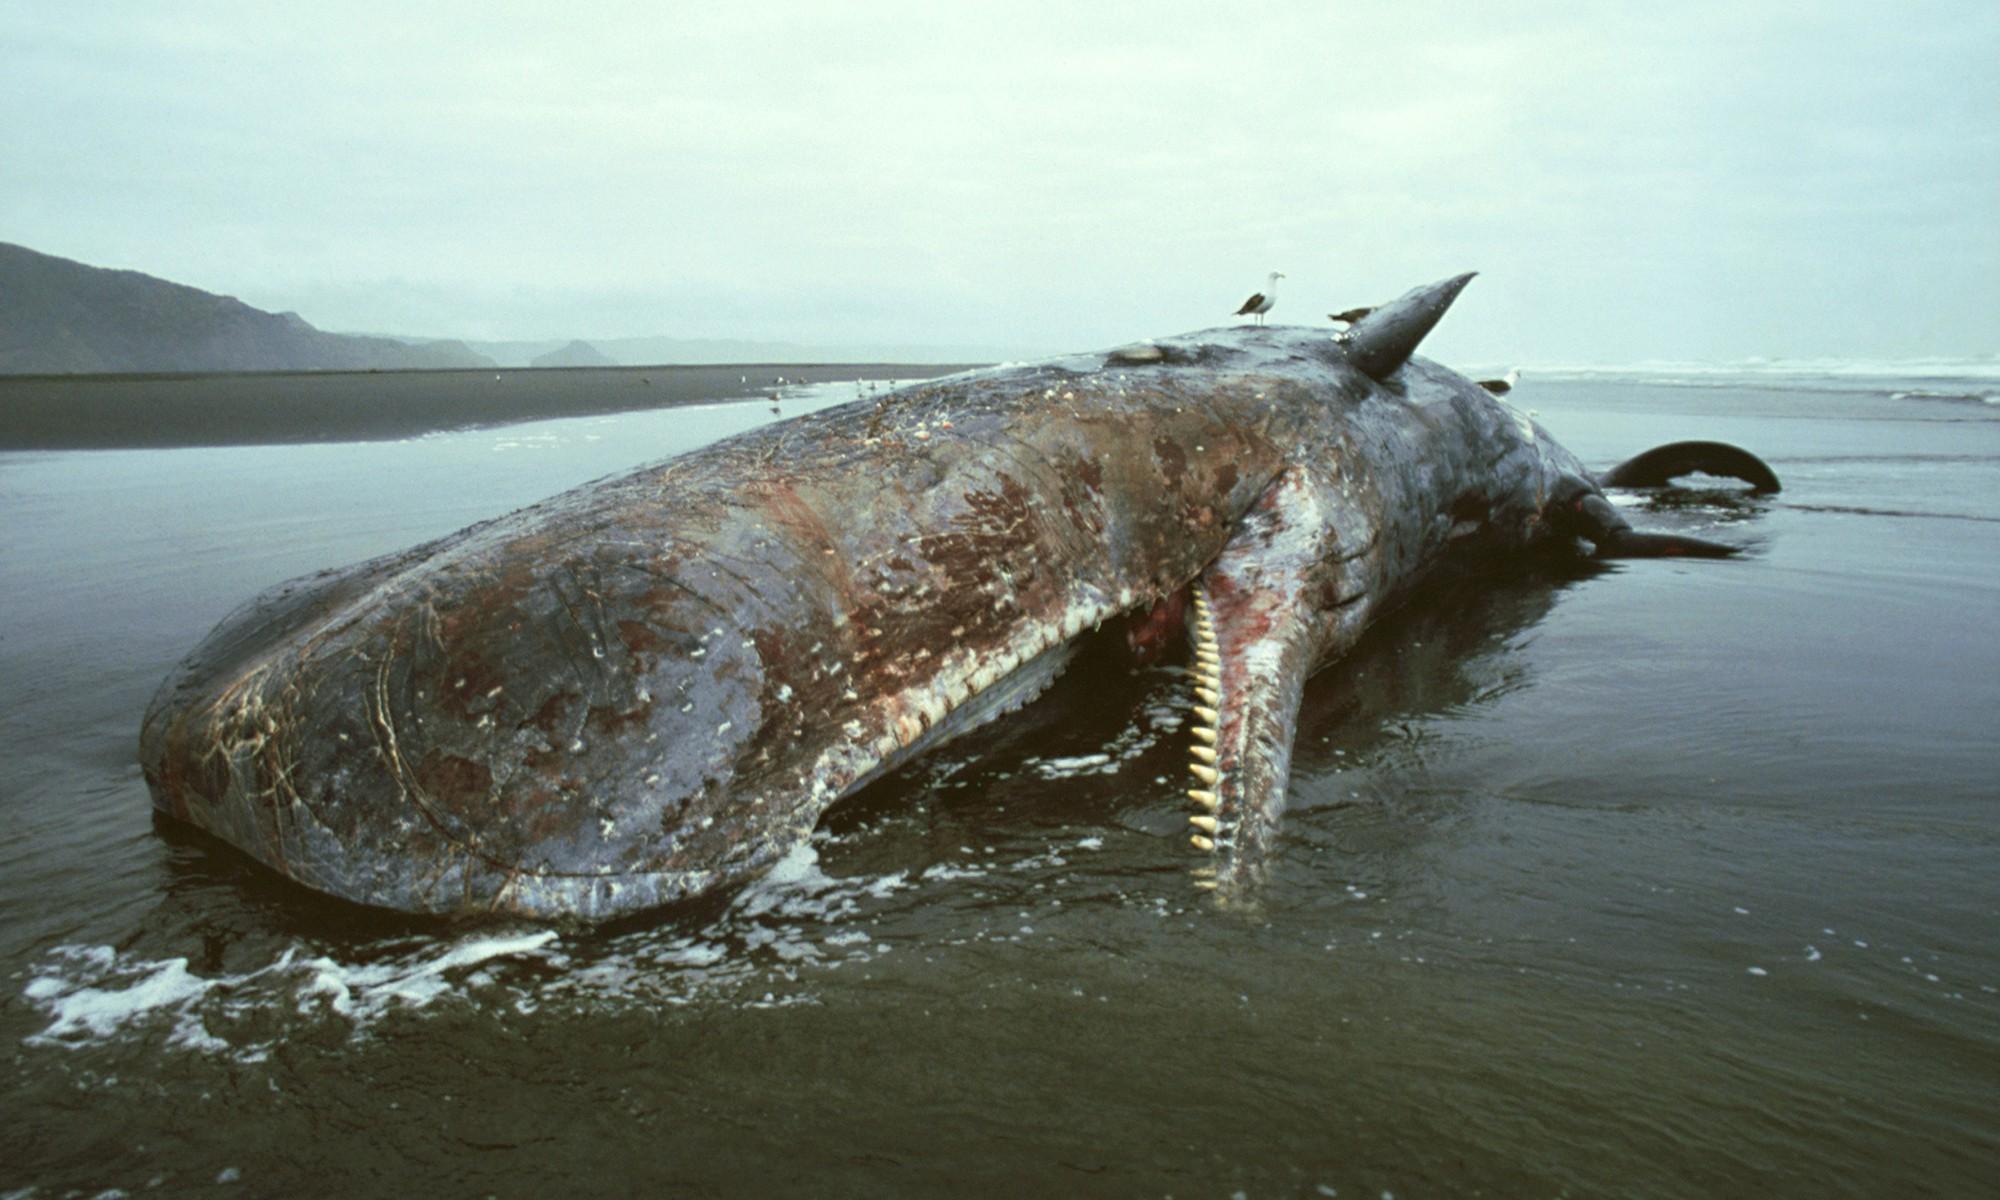 Chuyện ngày cuối đời của một con cá voi: Cái chết đau đớn tột cùng không thể tránh khỏi, nhưng lại là khởi đầu cho tương lai tốt đẹp hơn - Ảnh 1.